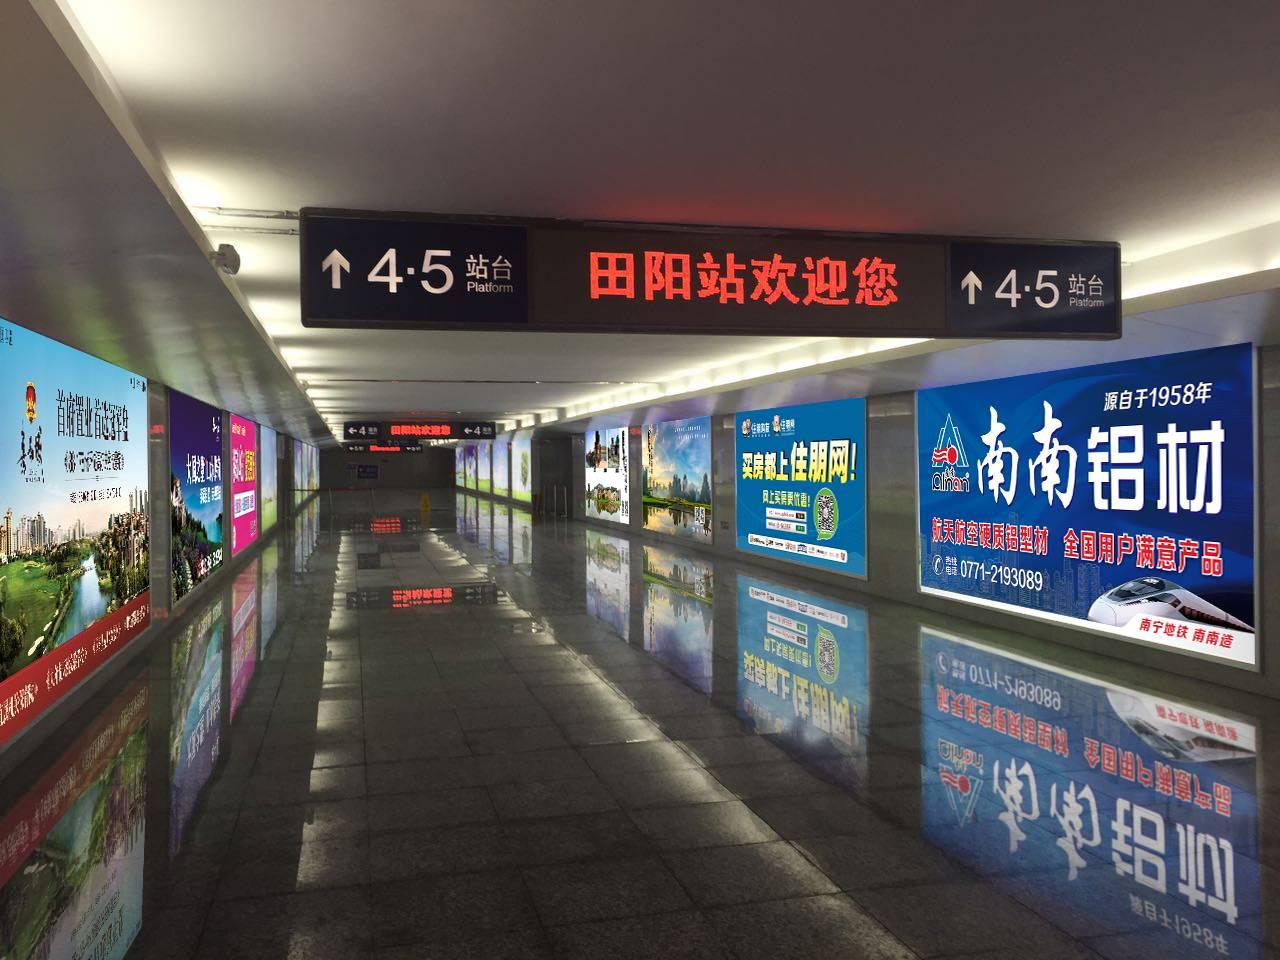 广西百色市田阳站火车站高铁站地下通道灯箱媒体广告位